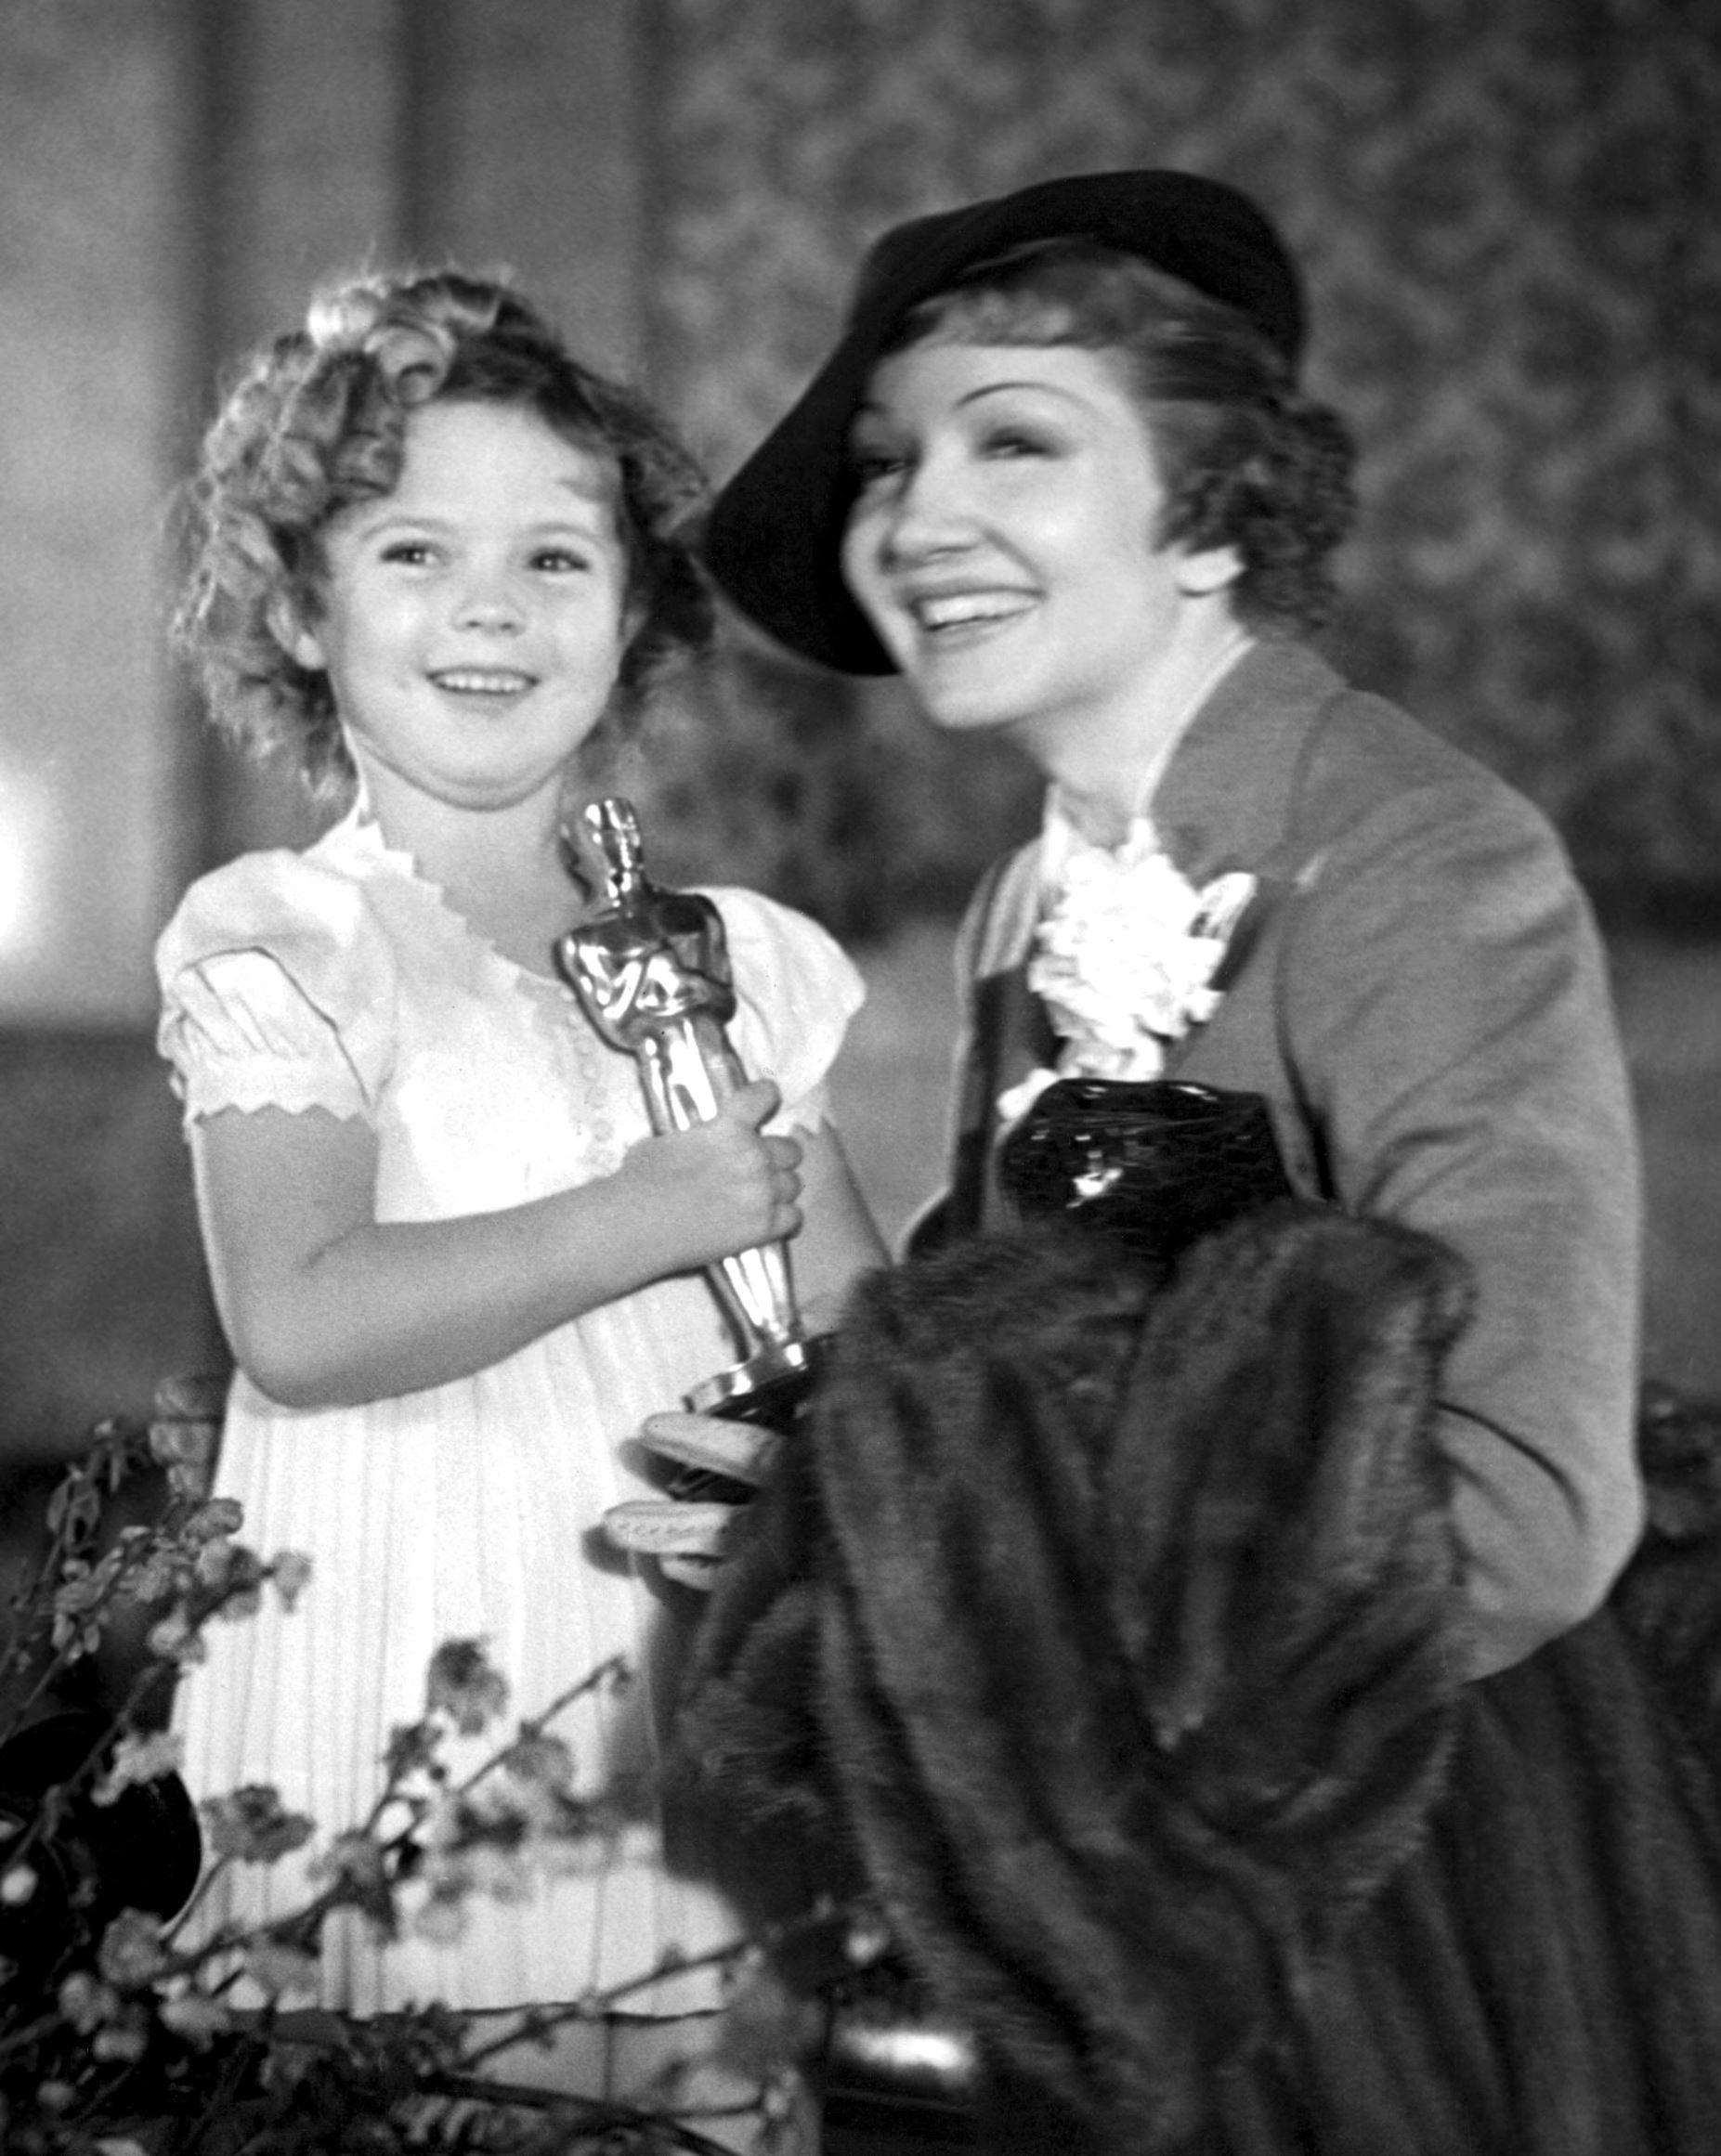 85 years of Oscar winners, fun & fashion | Oscar winners, Classic  hollywood, Hollywood